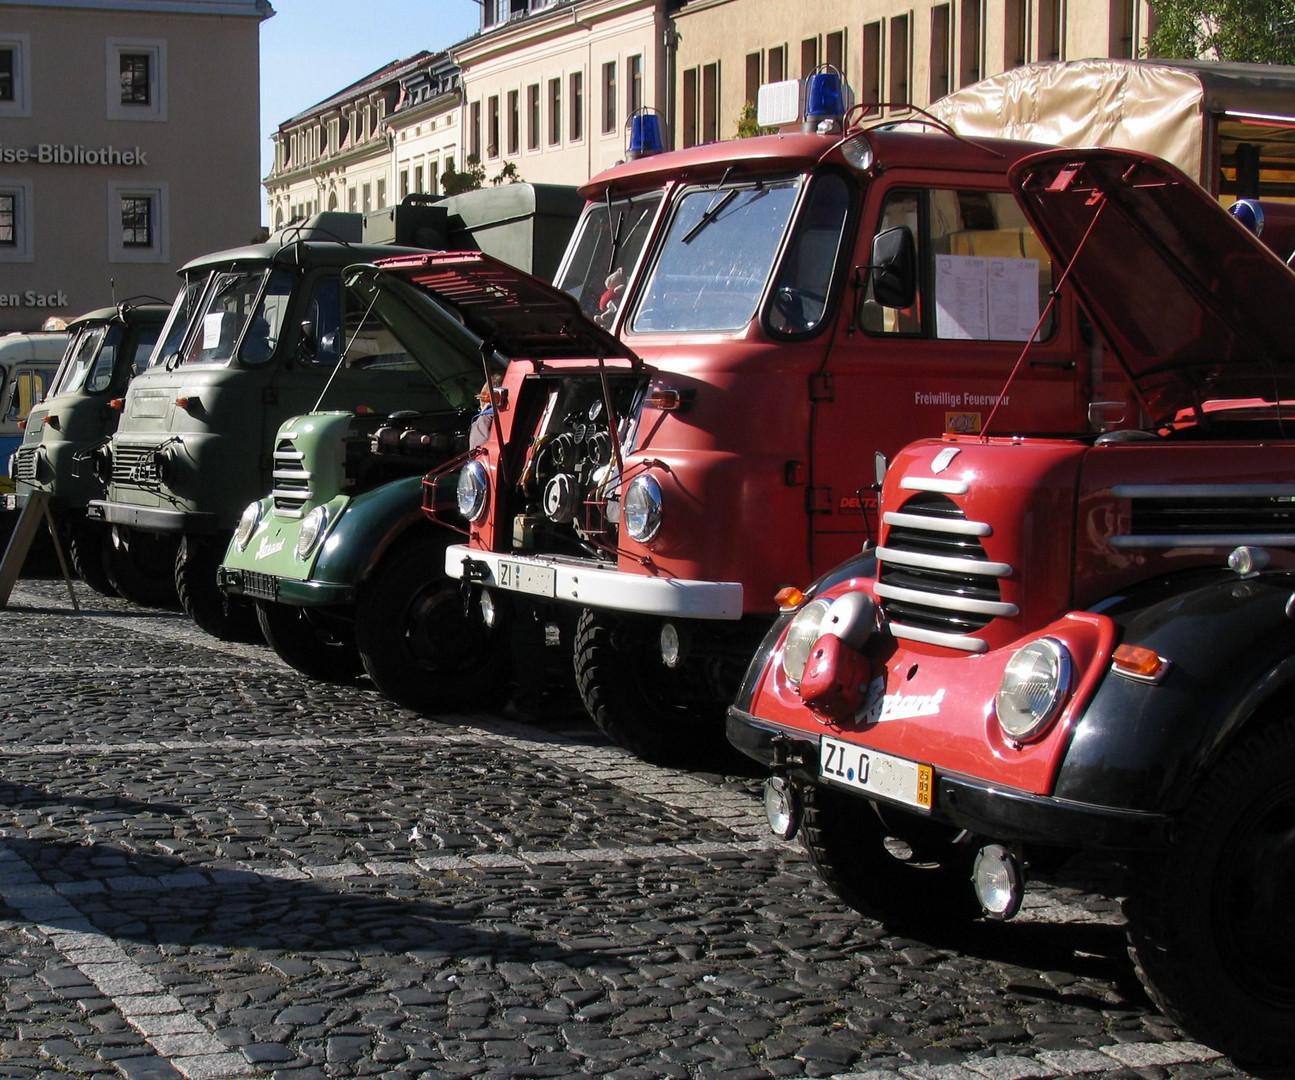 KKM - Historische Zittauer Fahrzeugtechnik